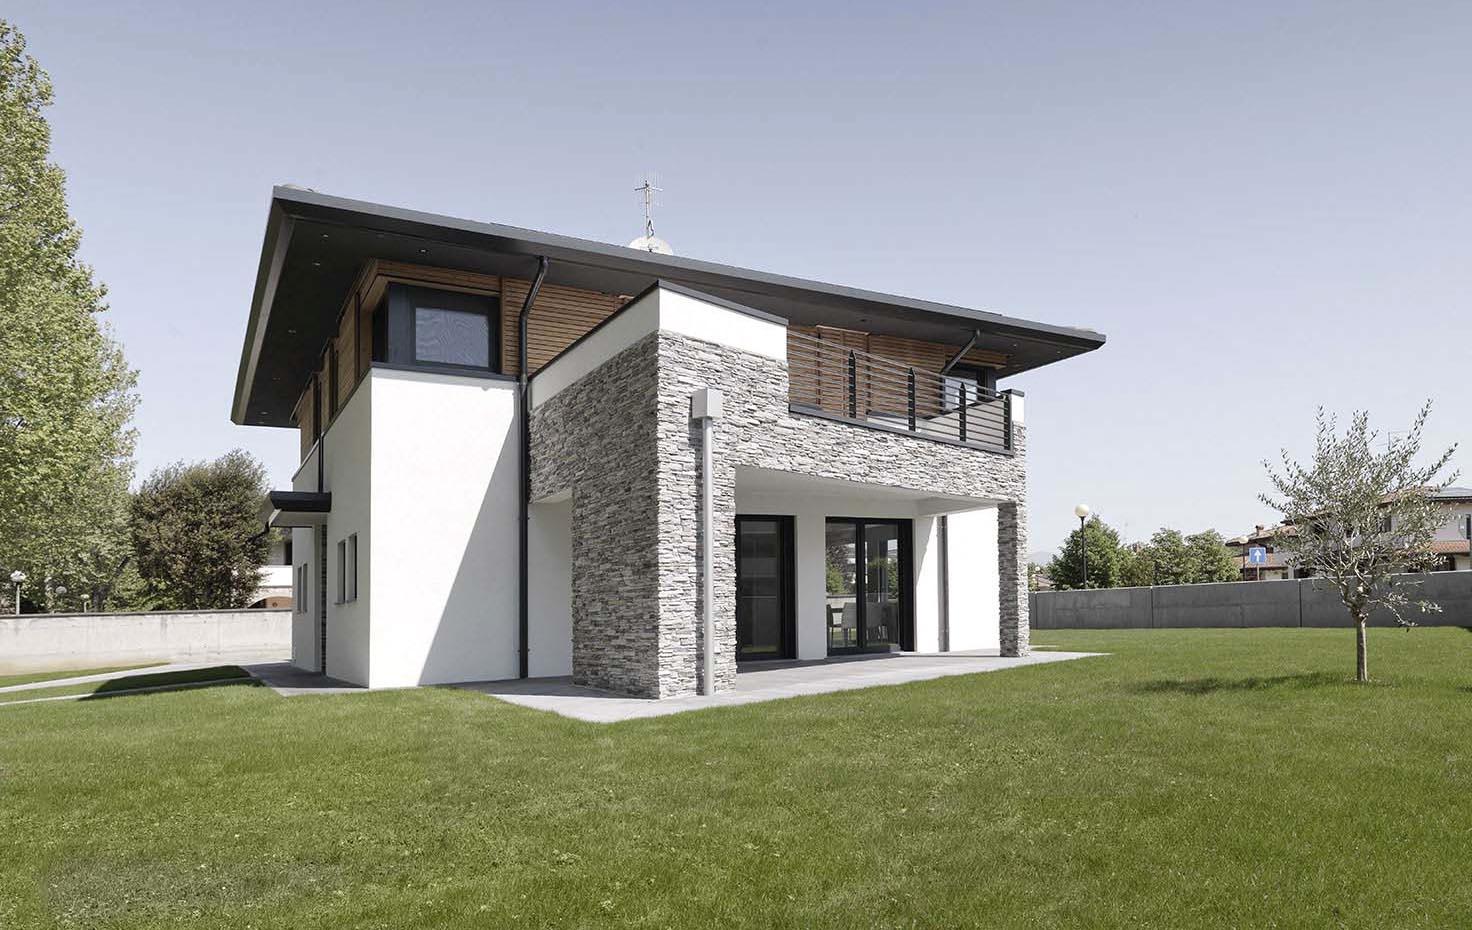 Progettazione Casa In Legno : Progettare e costruire una casa in legno in campania